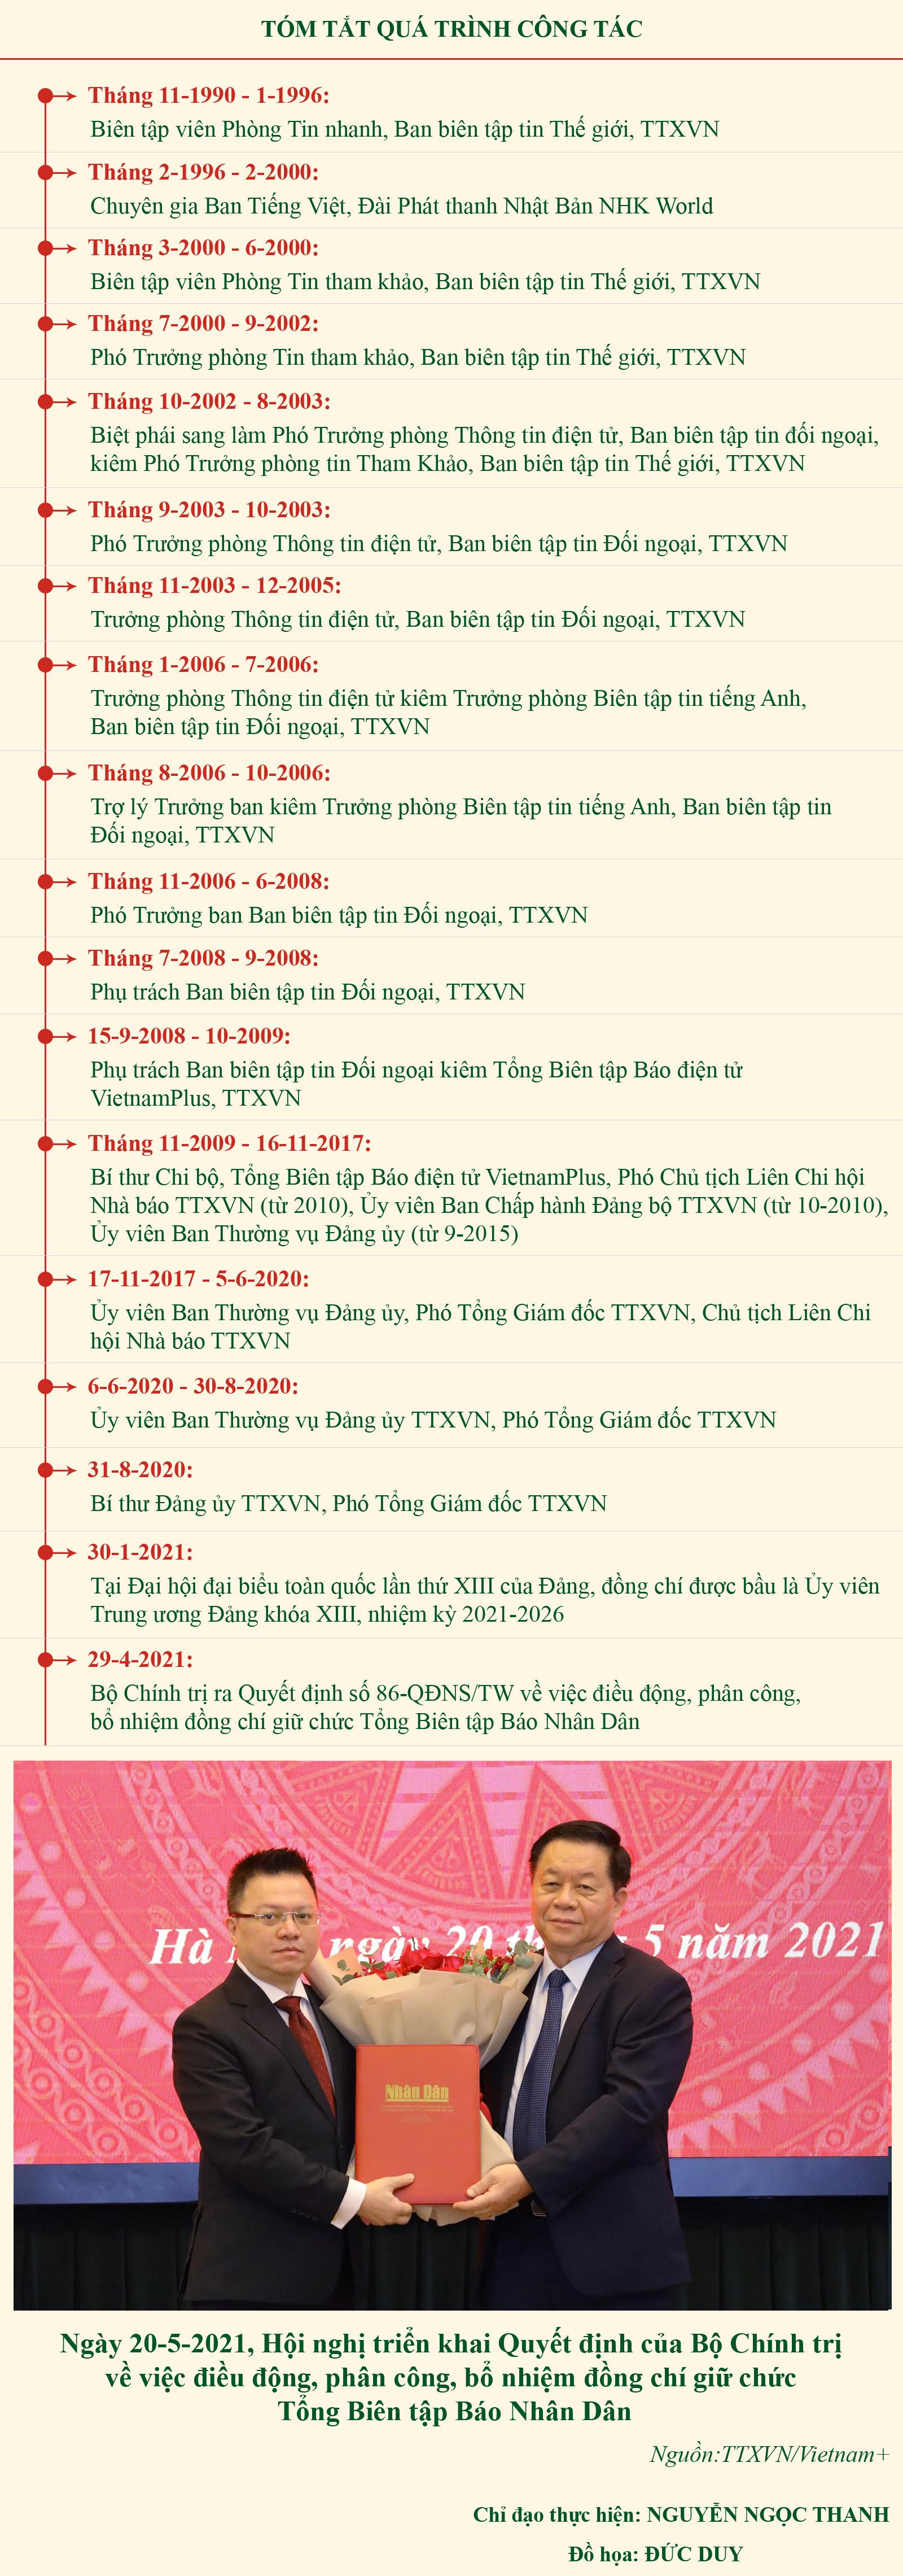 [Infographic] Đồng chí Lê Quốc Minh, Ủy viên T.Ư Đảng, Tổng Biên tập Báo Nhân Dân -0